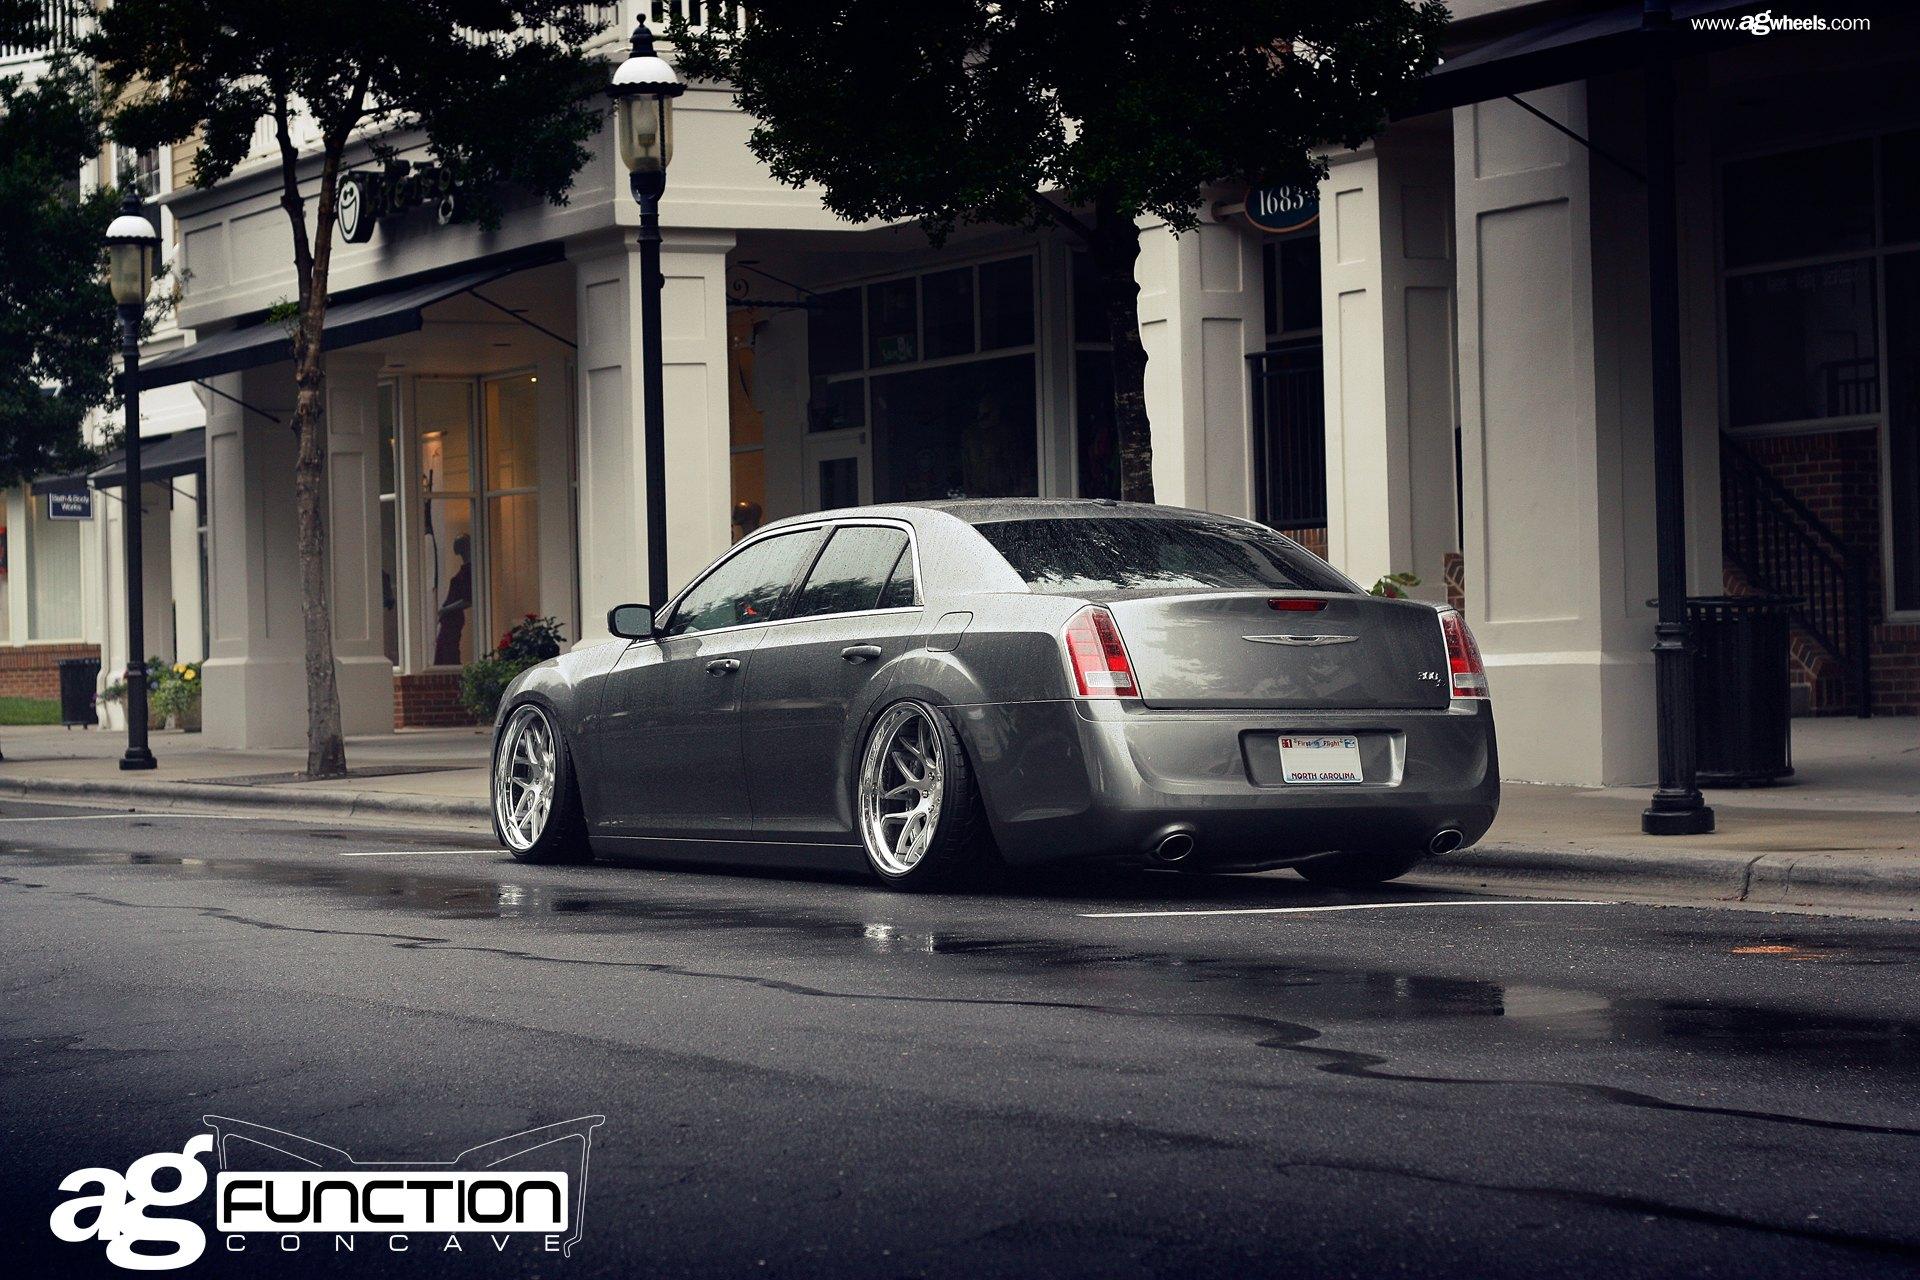 Stanced Chrysler 300 Gray Stanced Chrysler ...